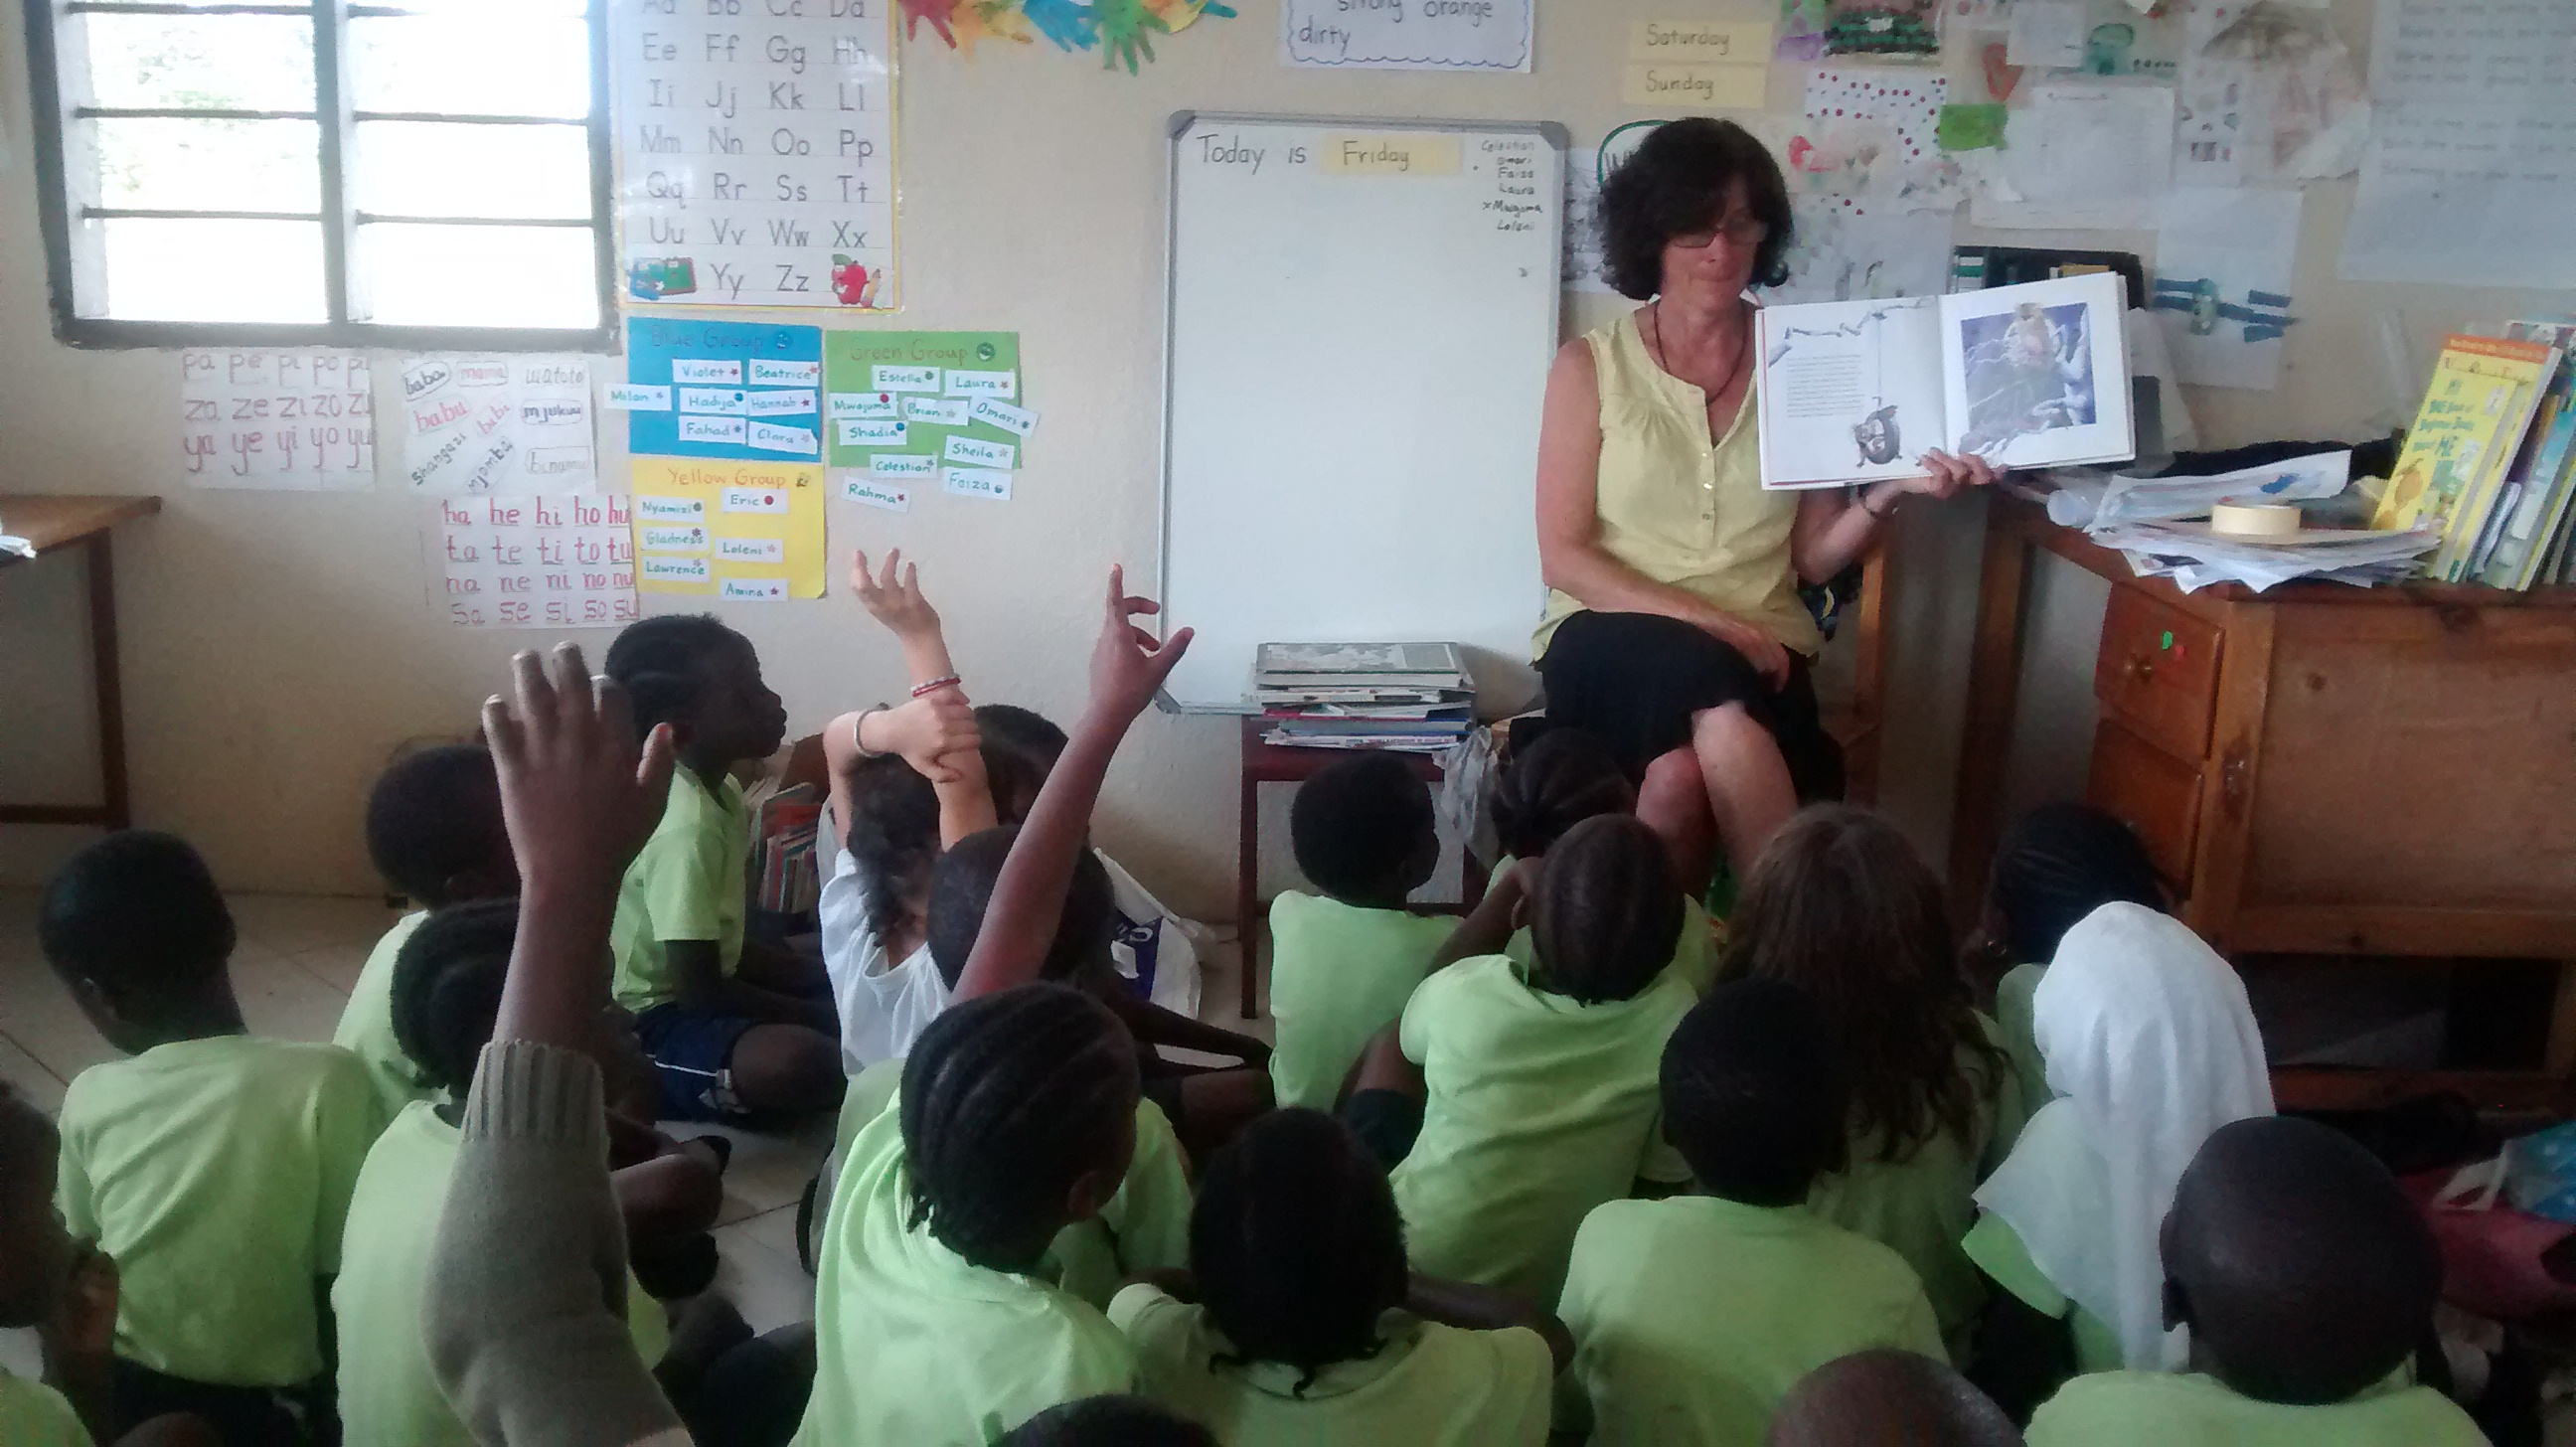 Debbie_reading_with_junior_kids.jpg